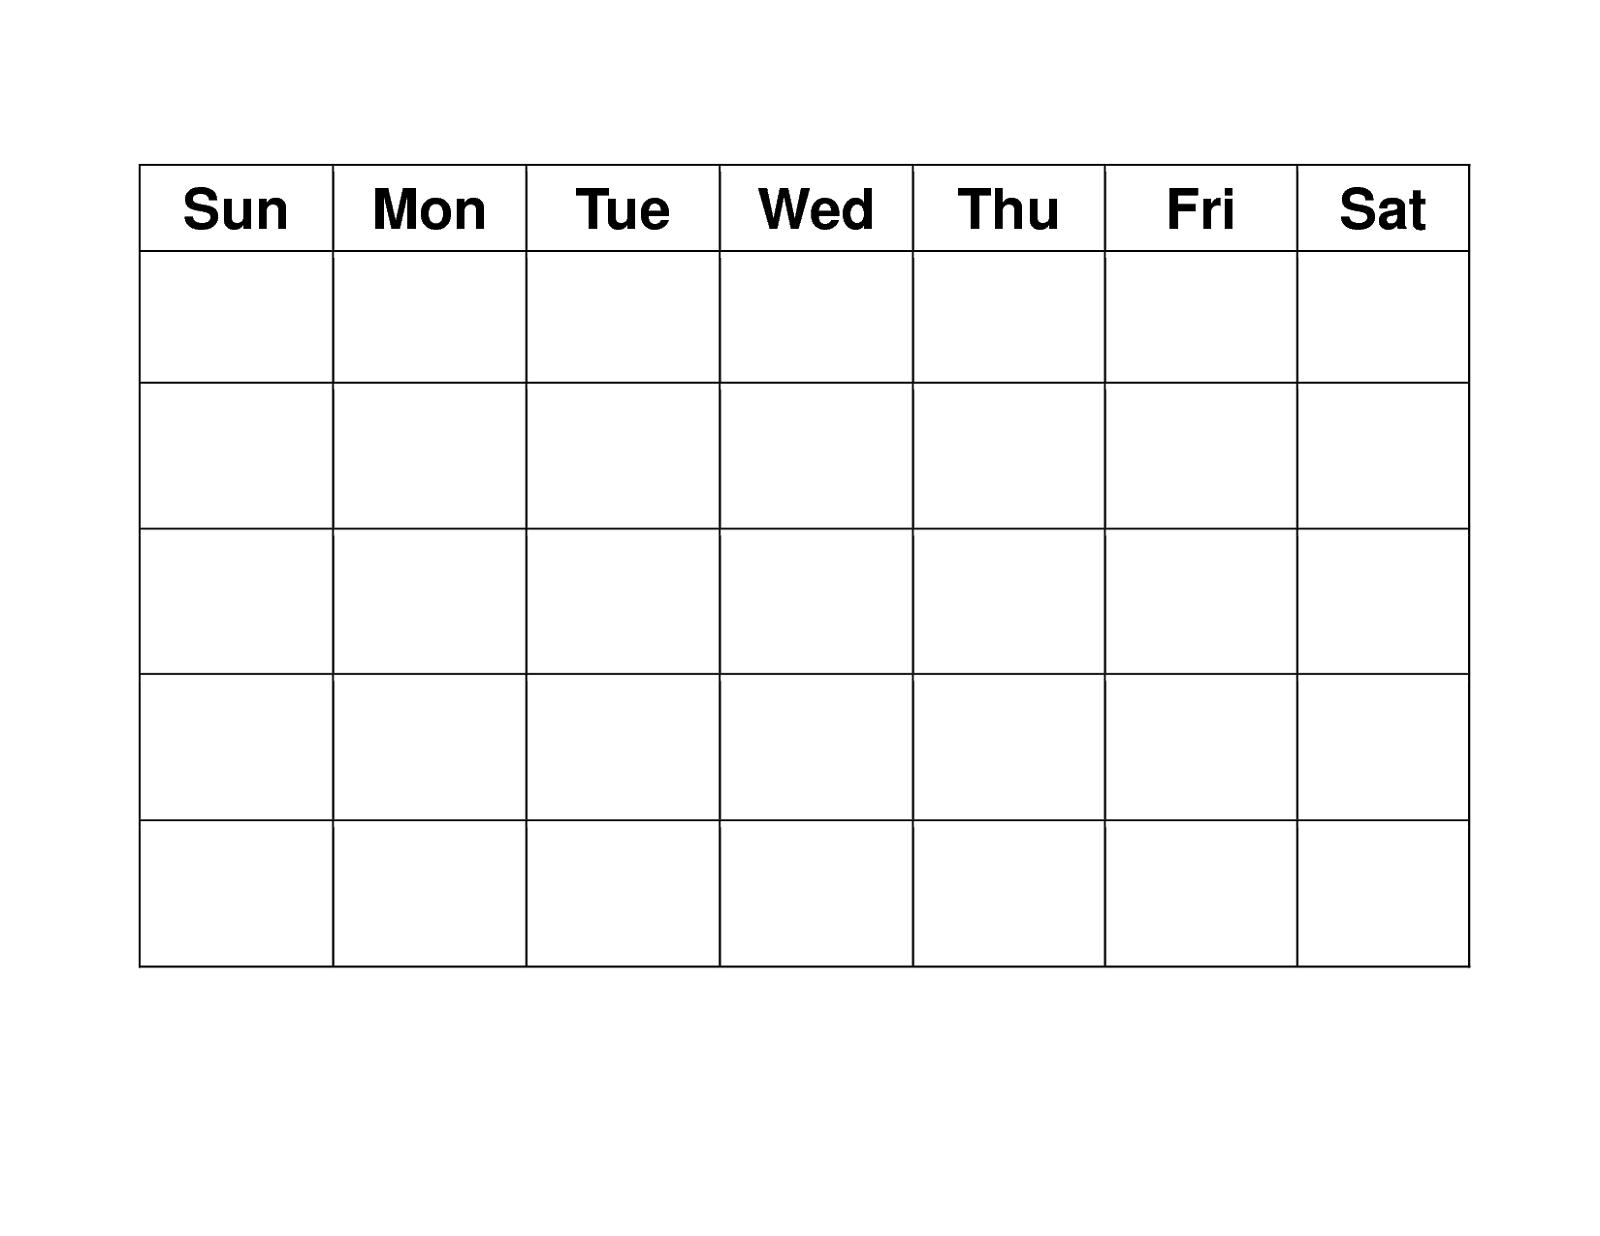 Blank Week Calendar Png & Free Blank Week Calendar Transparent Images #24362 - Pngio